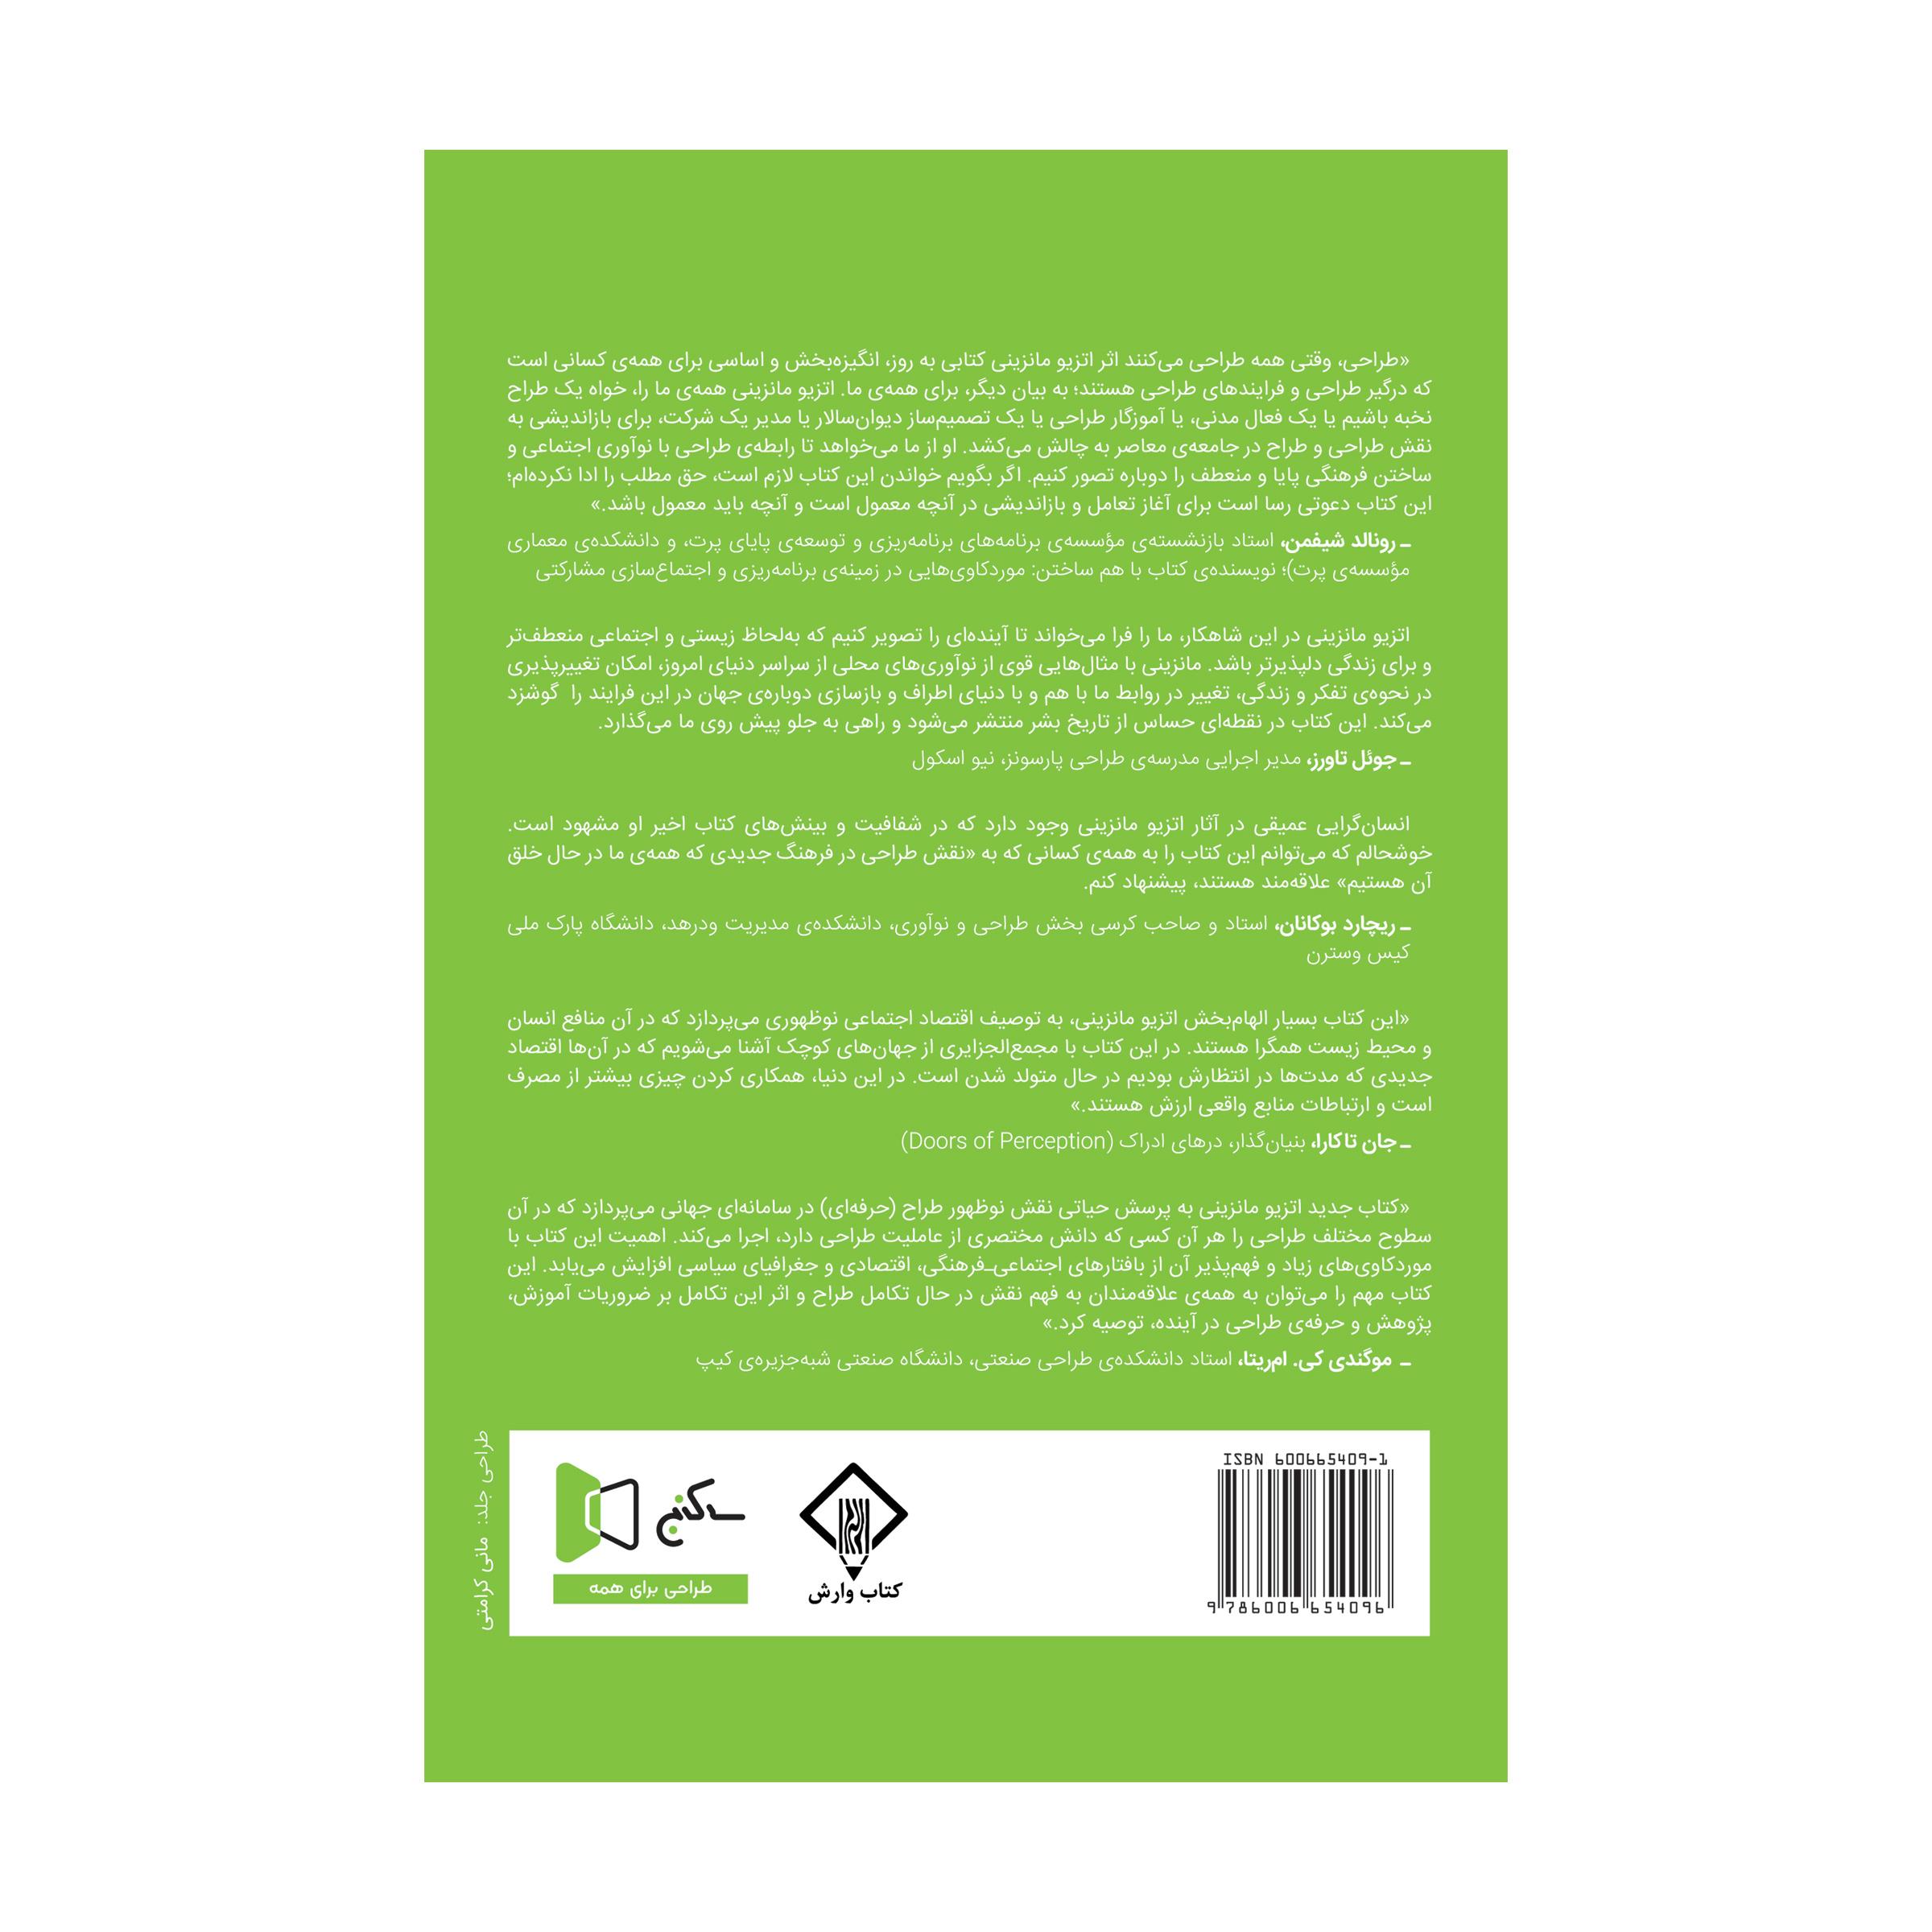 کتاب طراحی، وقتی همه طراحی میکنند (مقدمه ای بر طراحی برای نوآوری اجتماعی) اثر اتزیو مانزینی انتشارات کتاب وارش